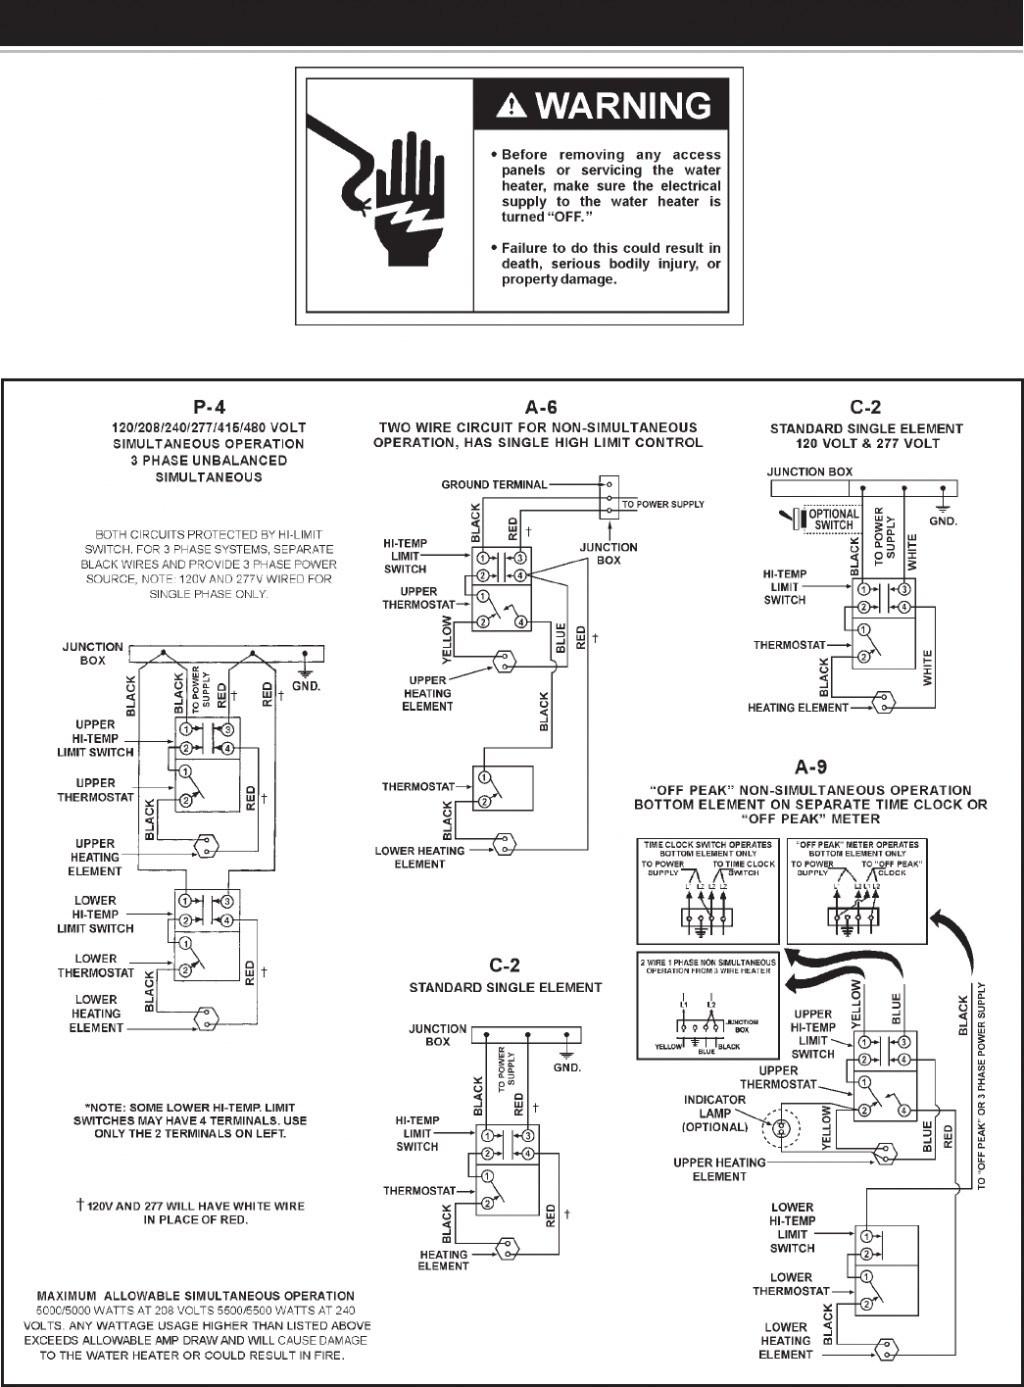 Century D1026 Wiring 220 Wiring Diagram | Wiring Diagram - Ao Smith Motor Wiring Diagram